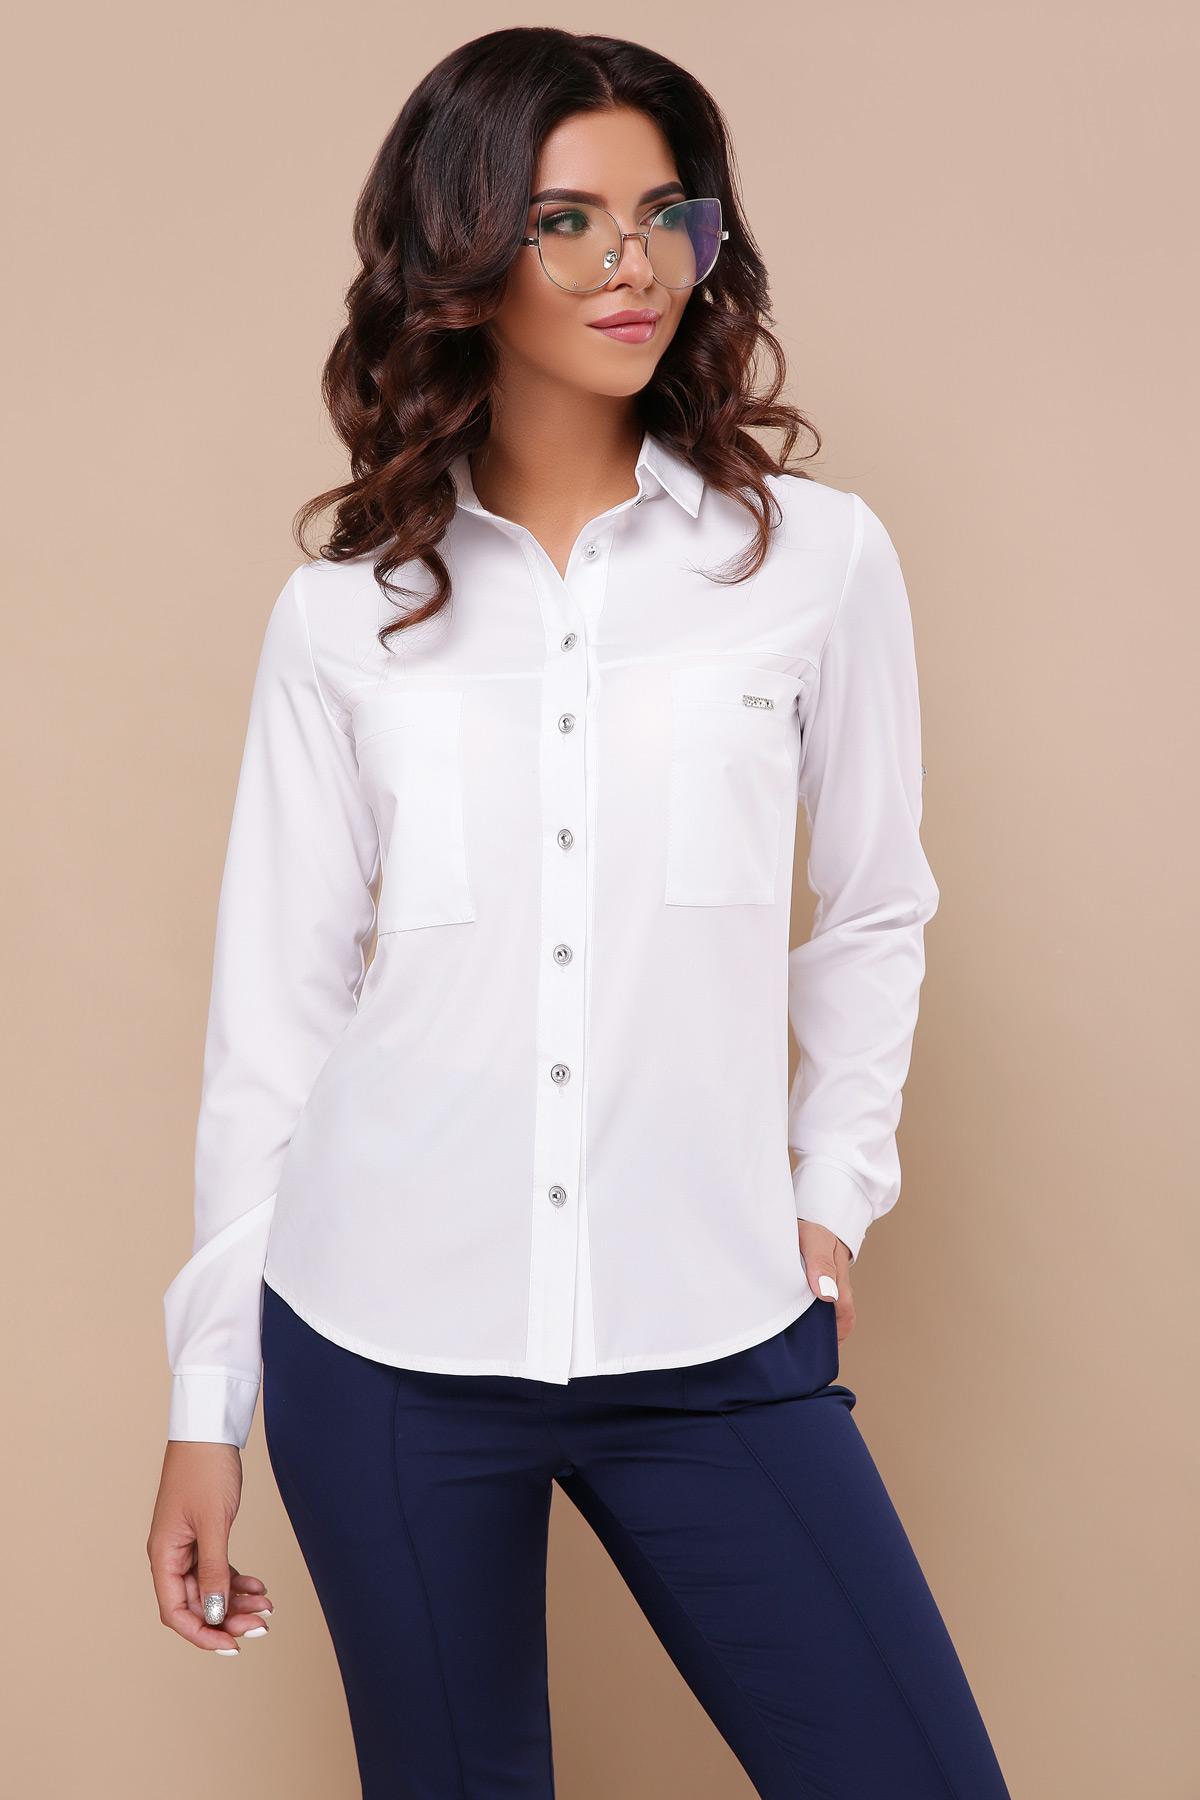 417a1a499052e7c Белая рубашка с длинным рукавом Кери д/р - купить в Украине